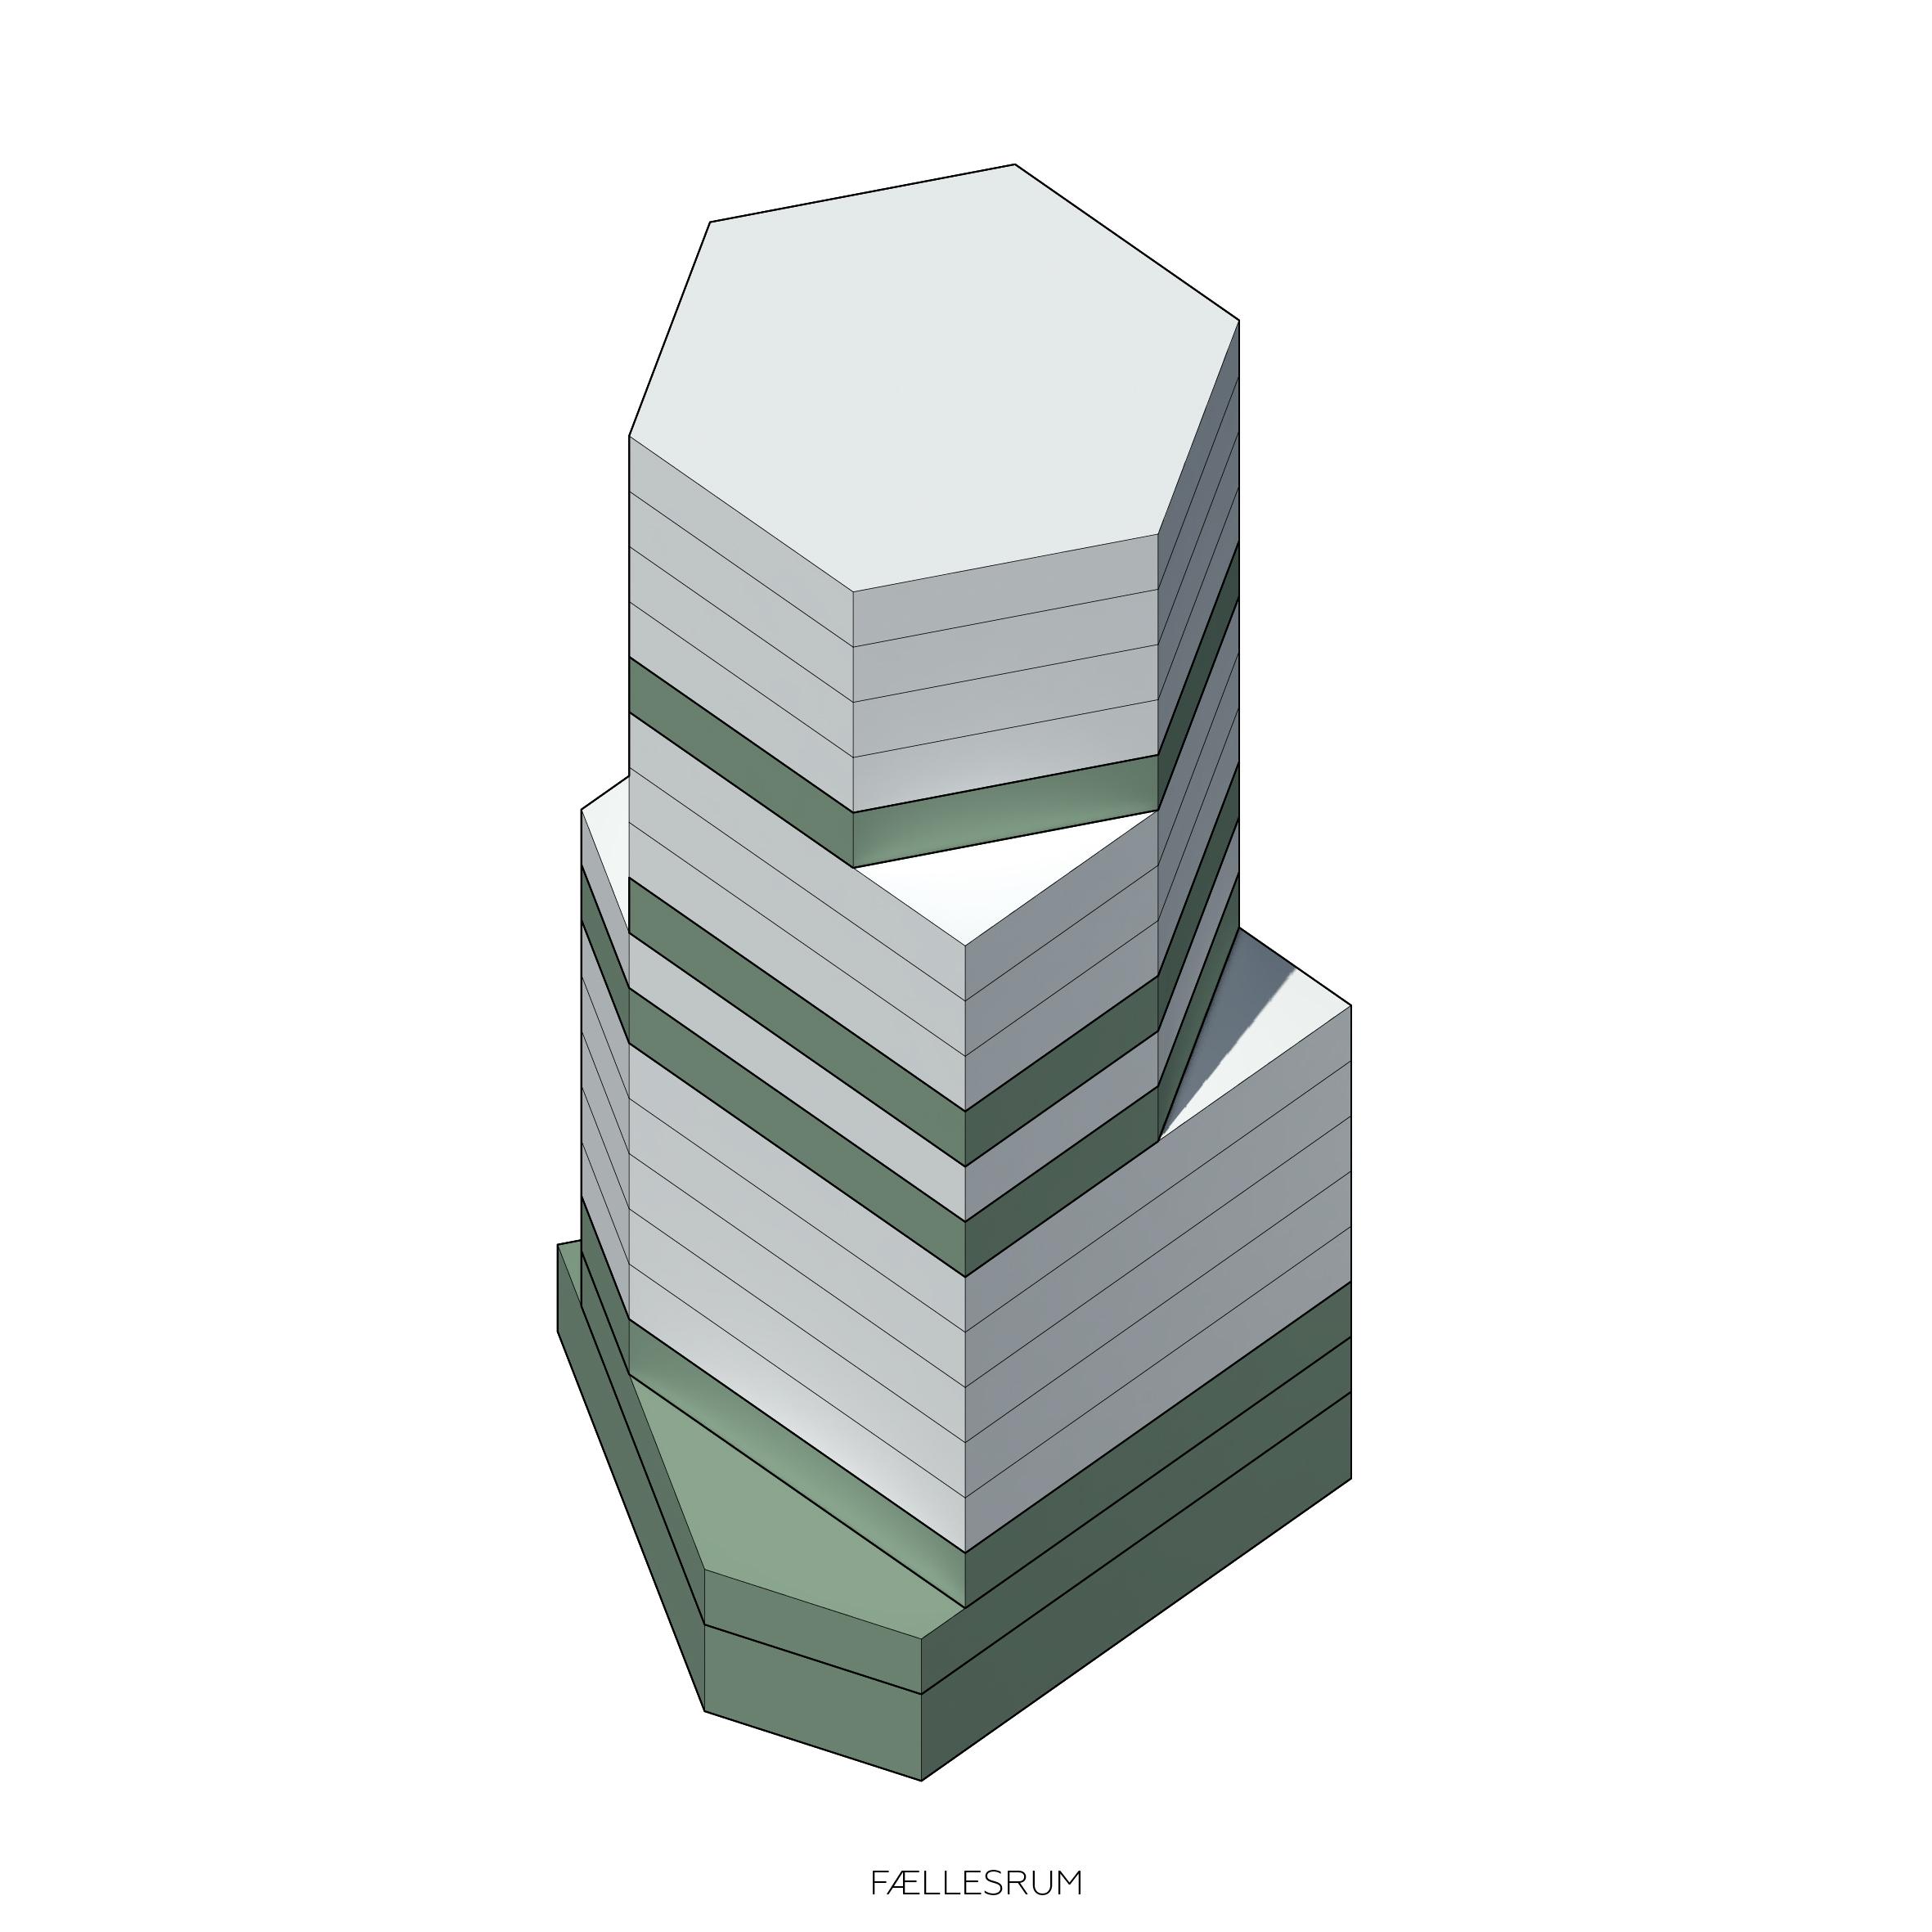 Hovedgrebsdiagram-02.jpg